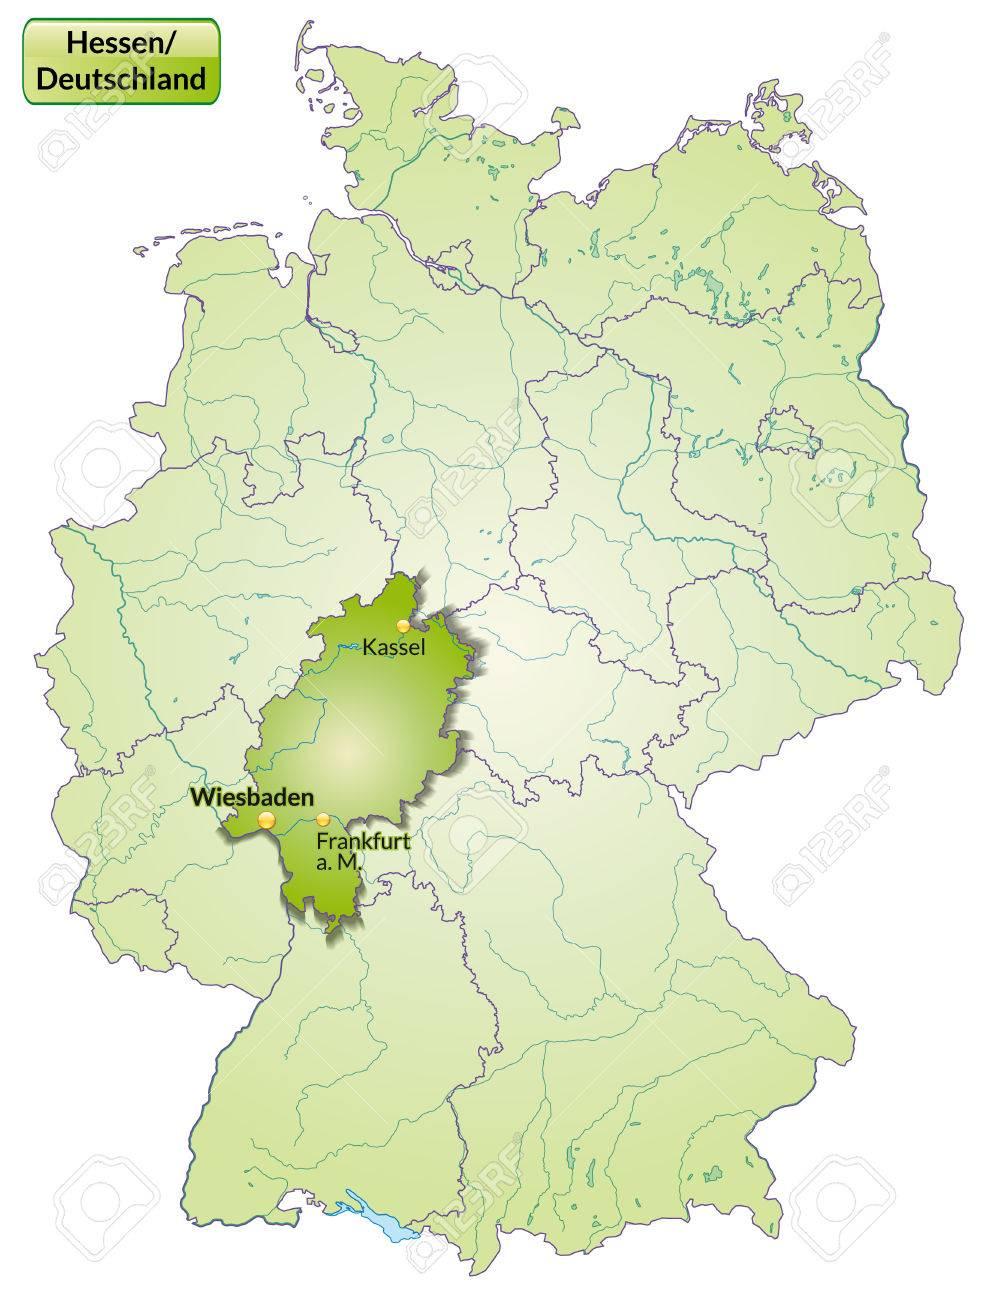 Karte Von Hessen Mit Den Wichtigsten Stadten In Grun Lizenzfrei